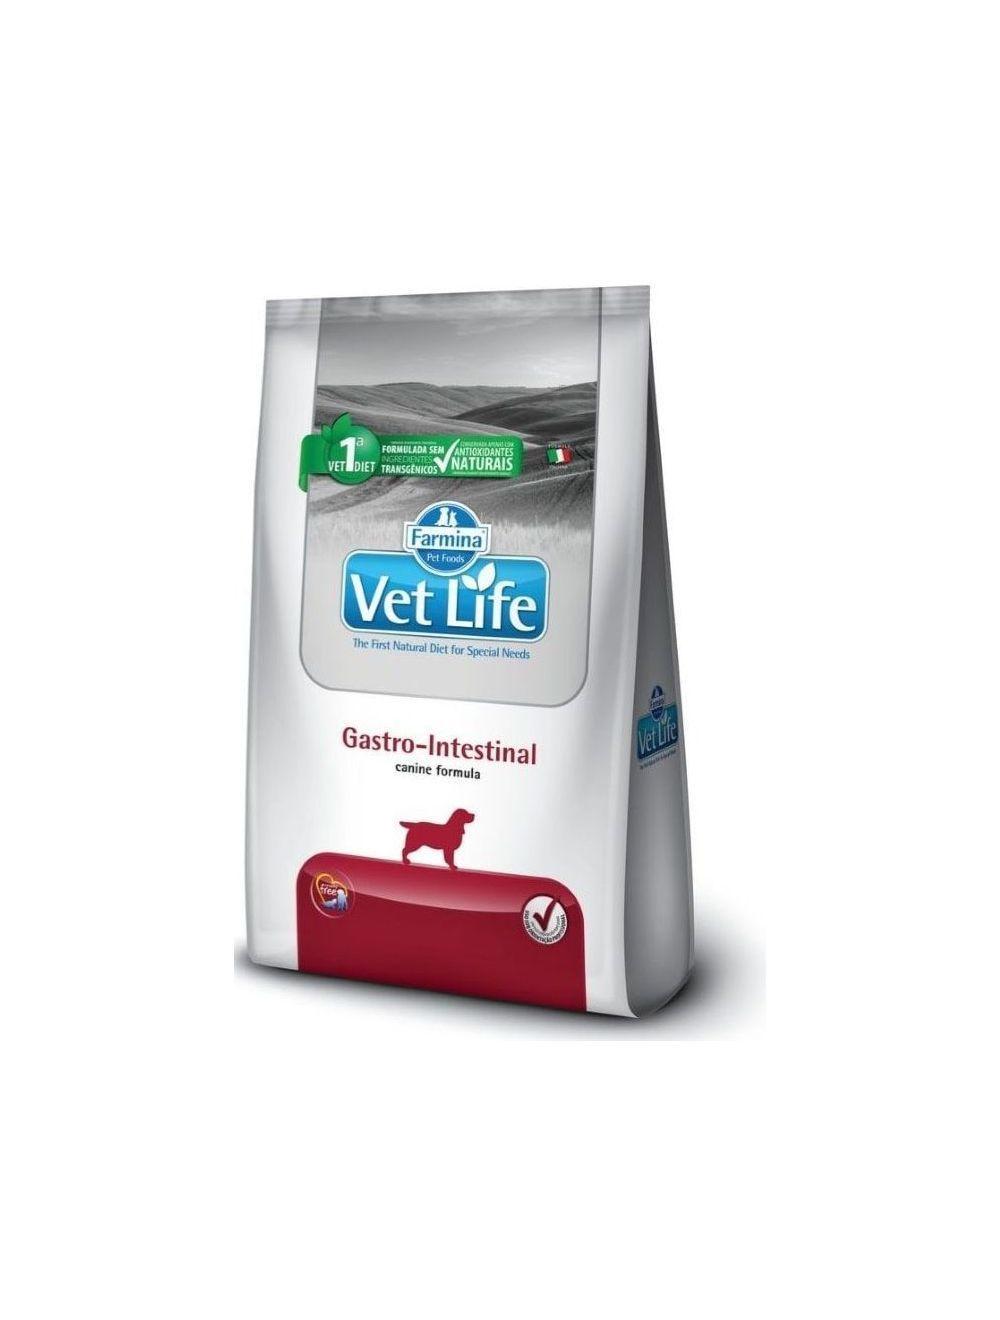 Comida Vet Life Gastrointestinal 10.1 Kg - ciudaddemascotas.com